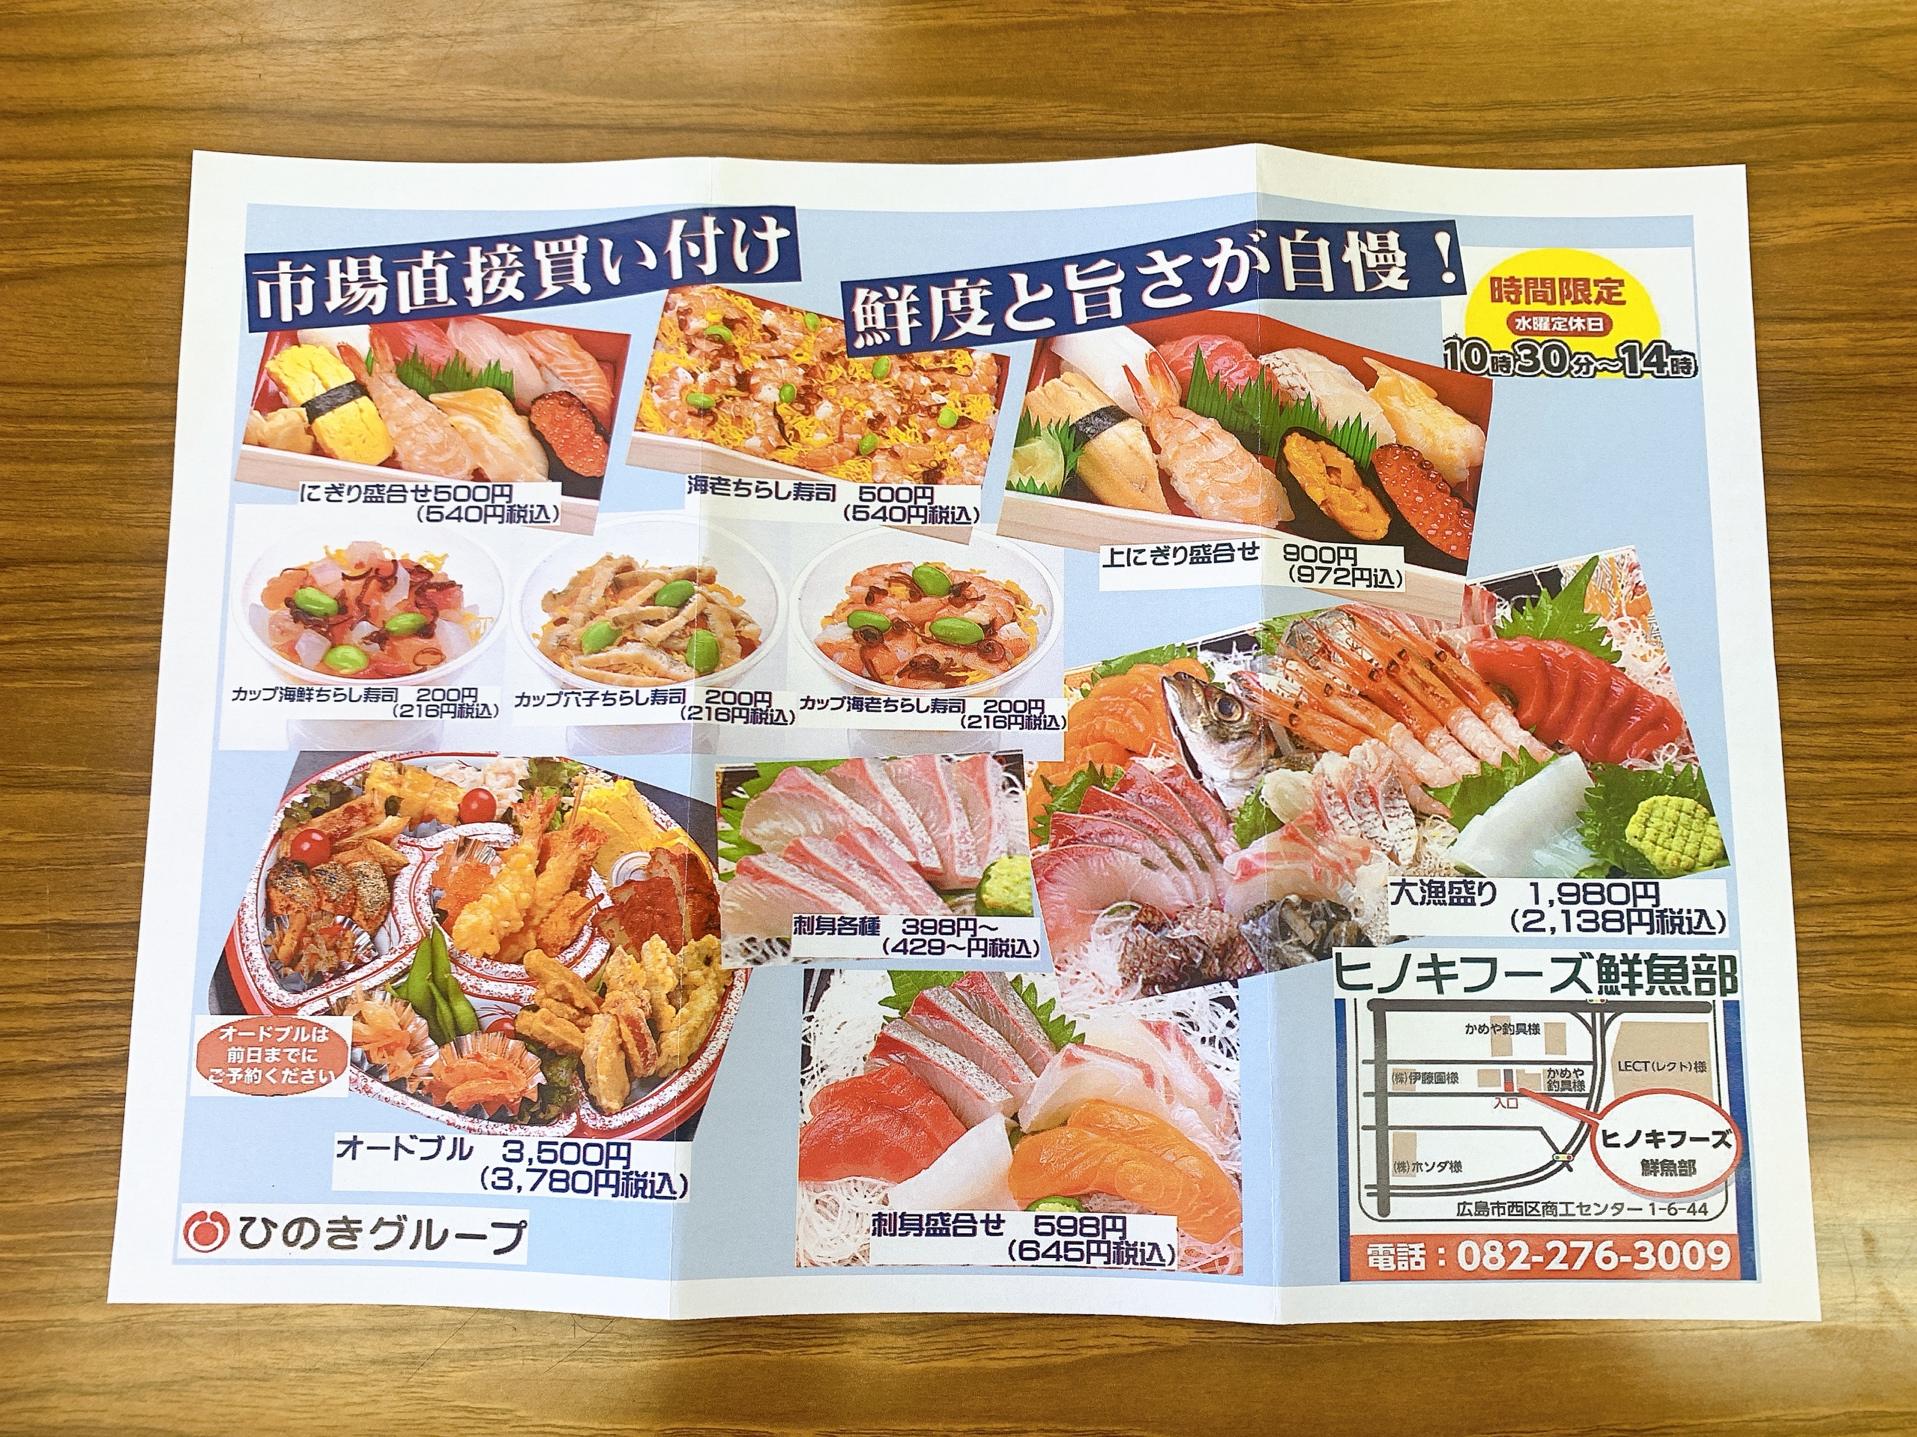 またすぐに行きたい!ヒノキフーズさんの 鮮魚部直売所